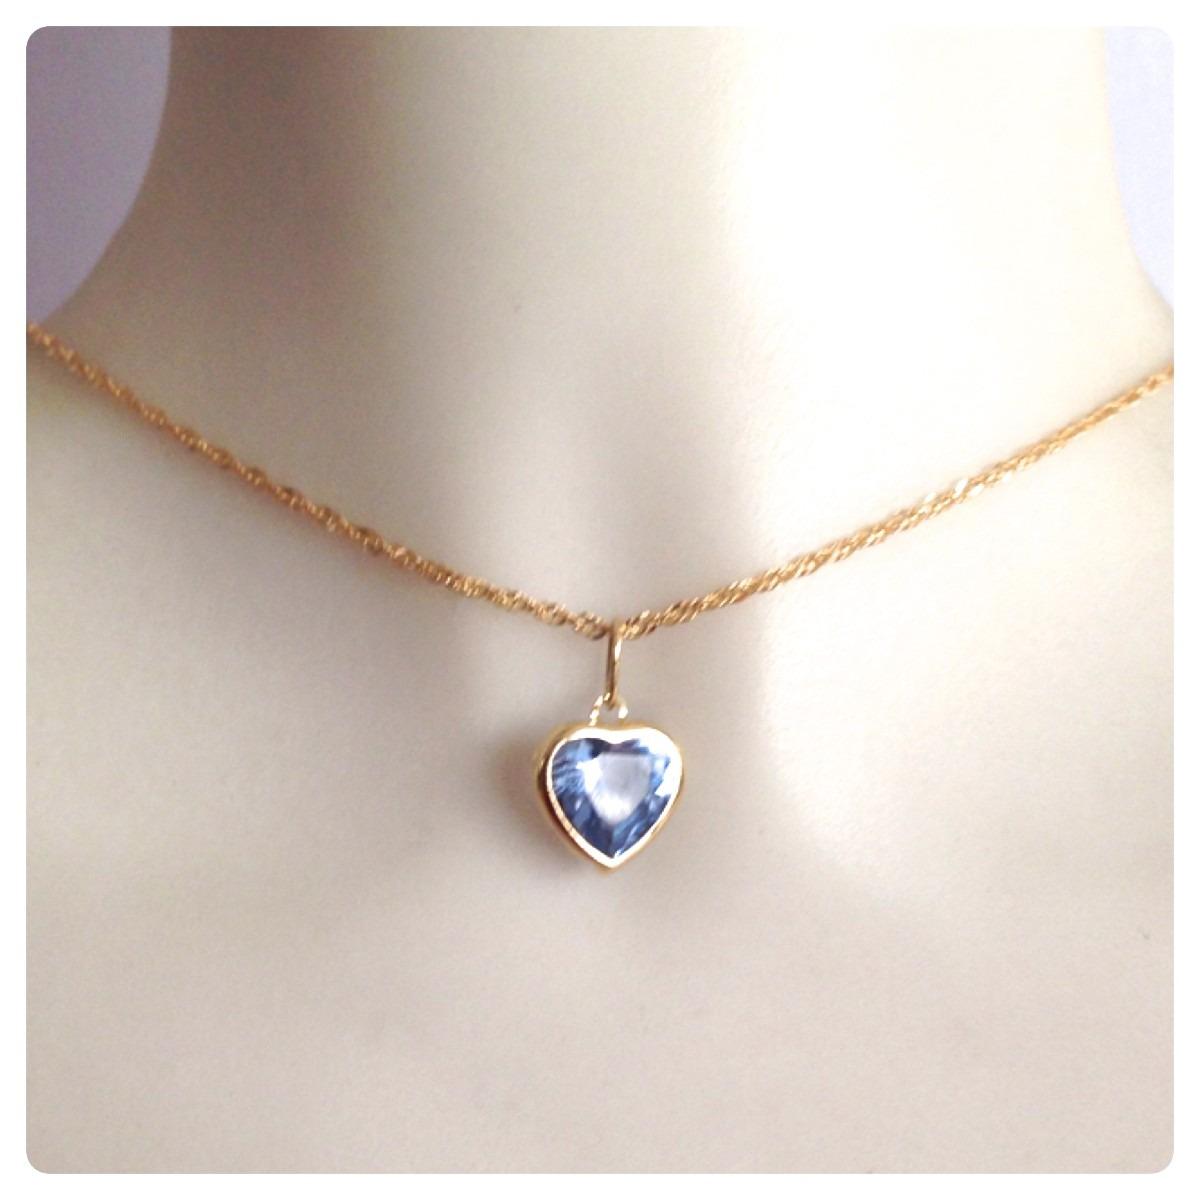 64877050e1d58 corrente singapura cordão de 45cm pingente coração ouro 18k. Carregando  zoom.